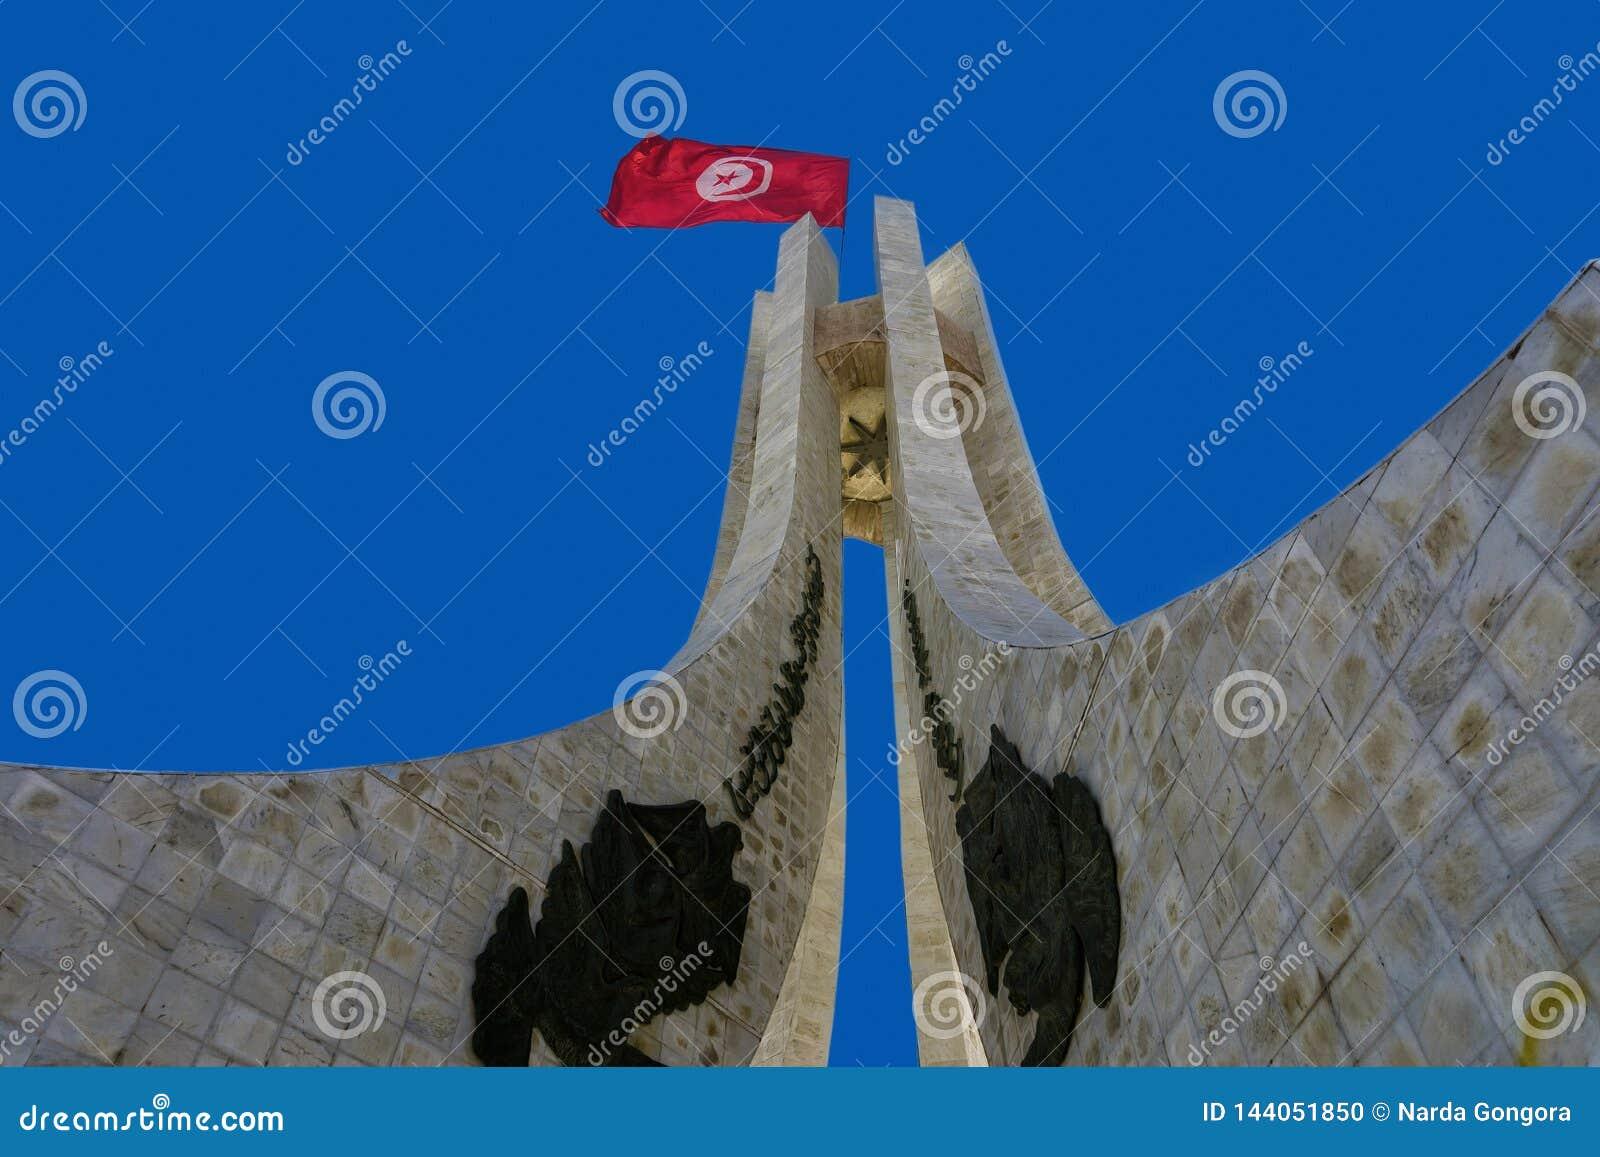 Monumento do quadrado de Kasbah em Tunes, Tunísia